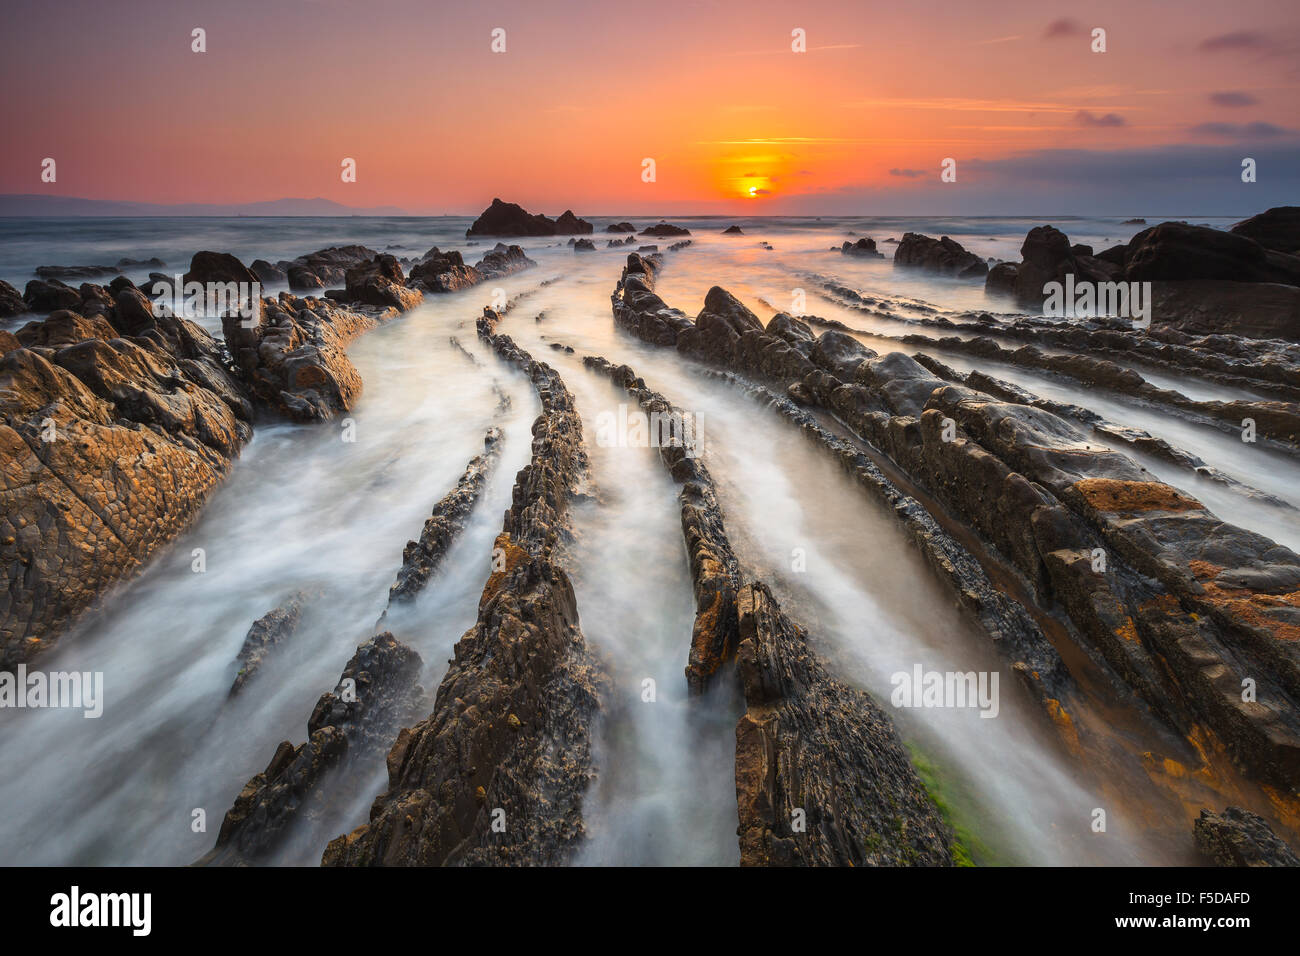 La magnifique plage de Barrika, en Biscaye, Pays Basque, Espagne, par le coucher du soleil. Photo Stock